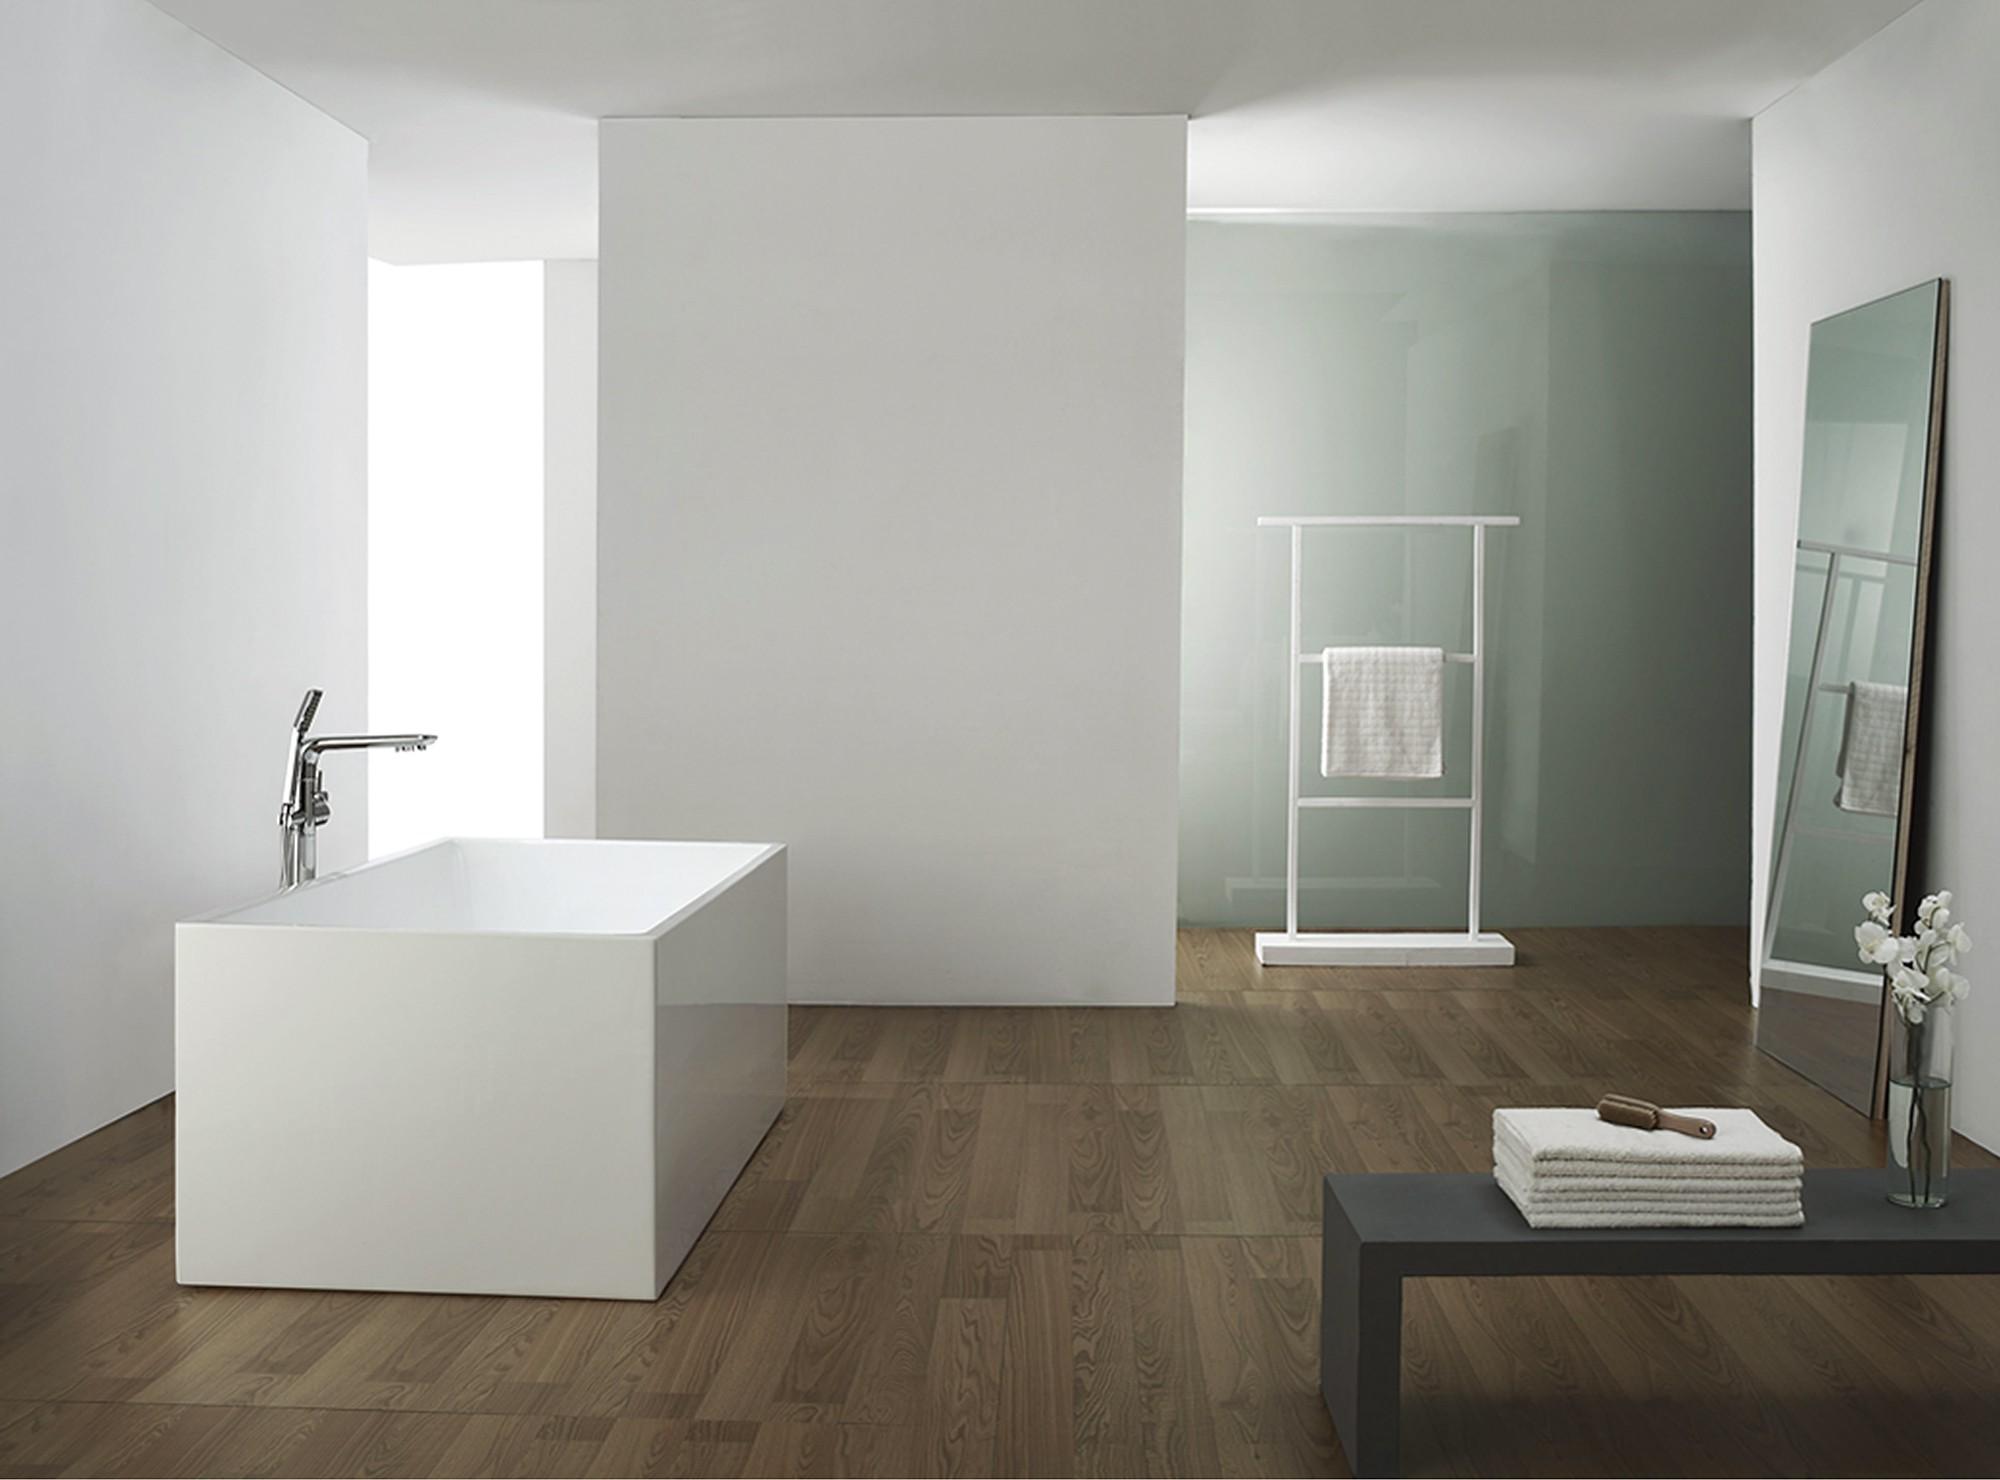 exclusive freistehende badewanne mit ab und berlauf neu ovp art nr 28008 ebay. Black Bedroom Furniture Sets. Home Design Ideas